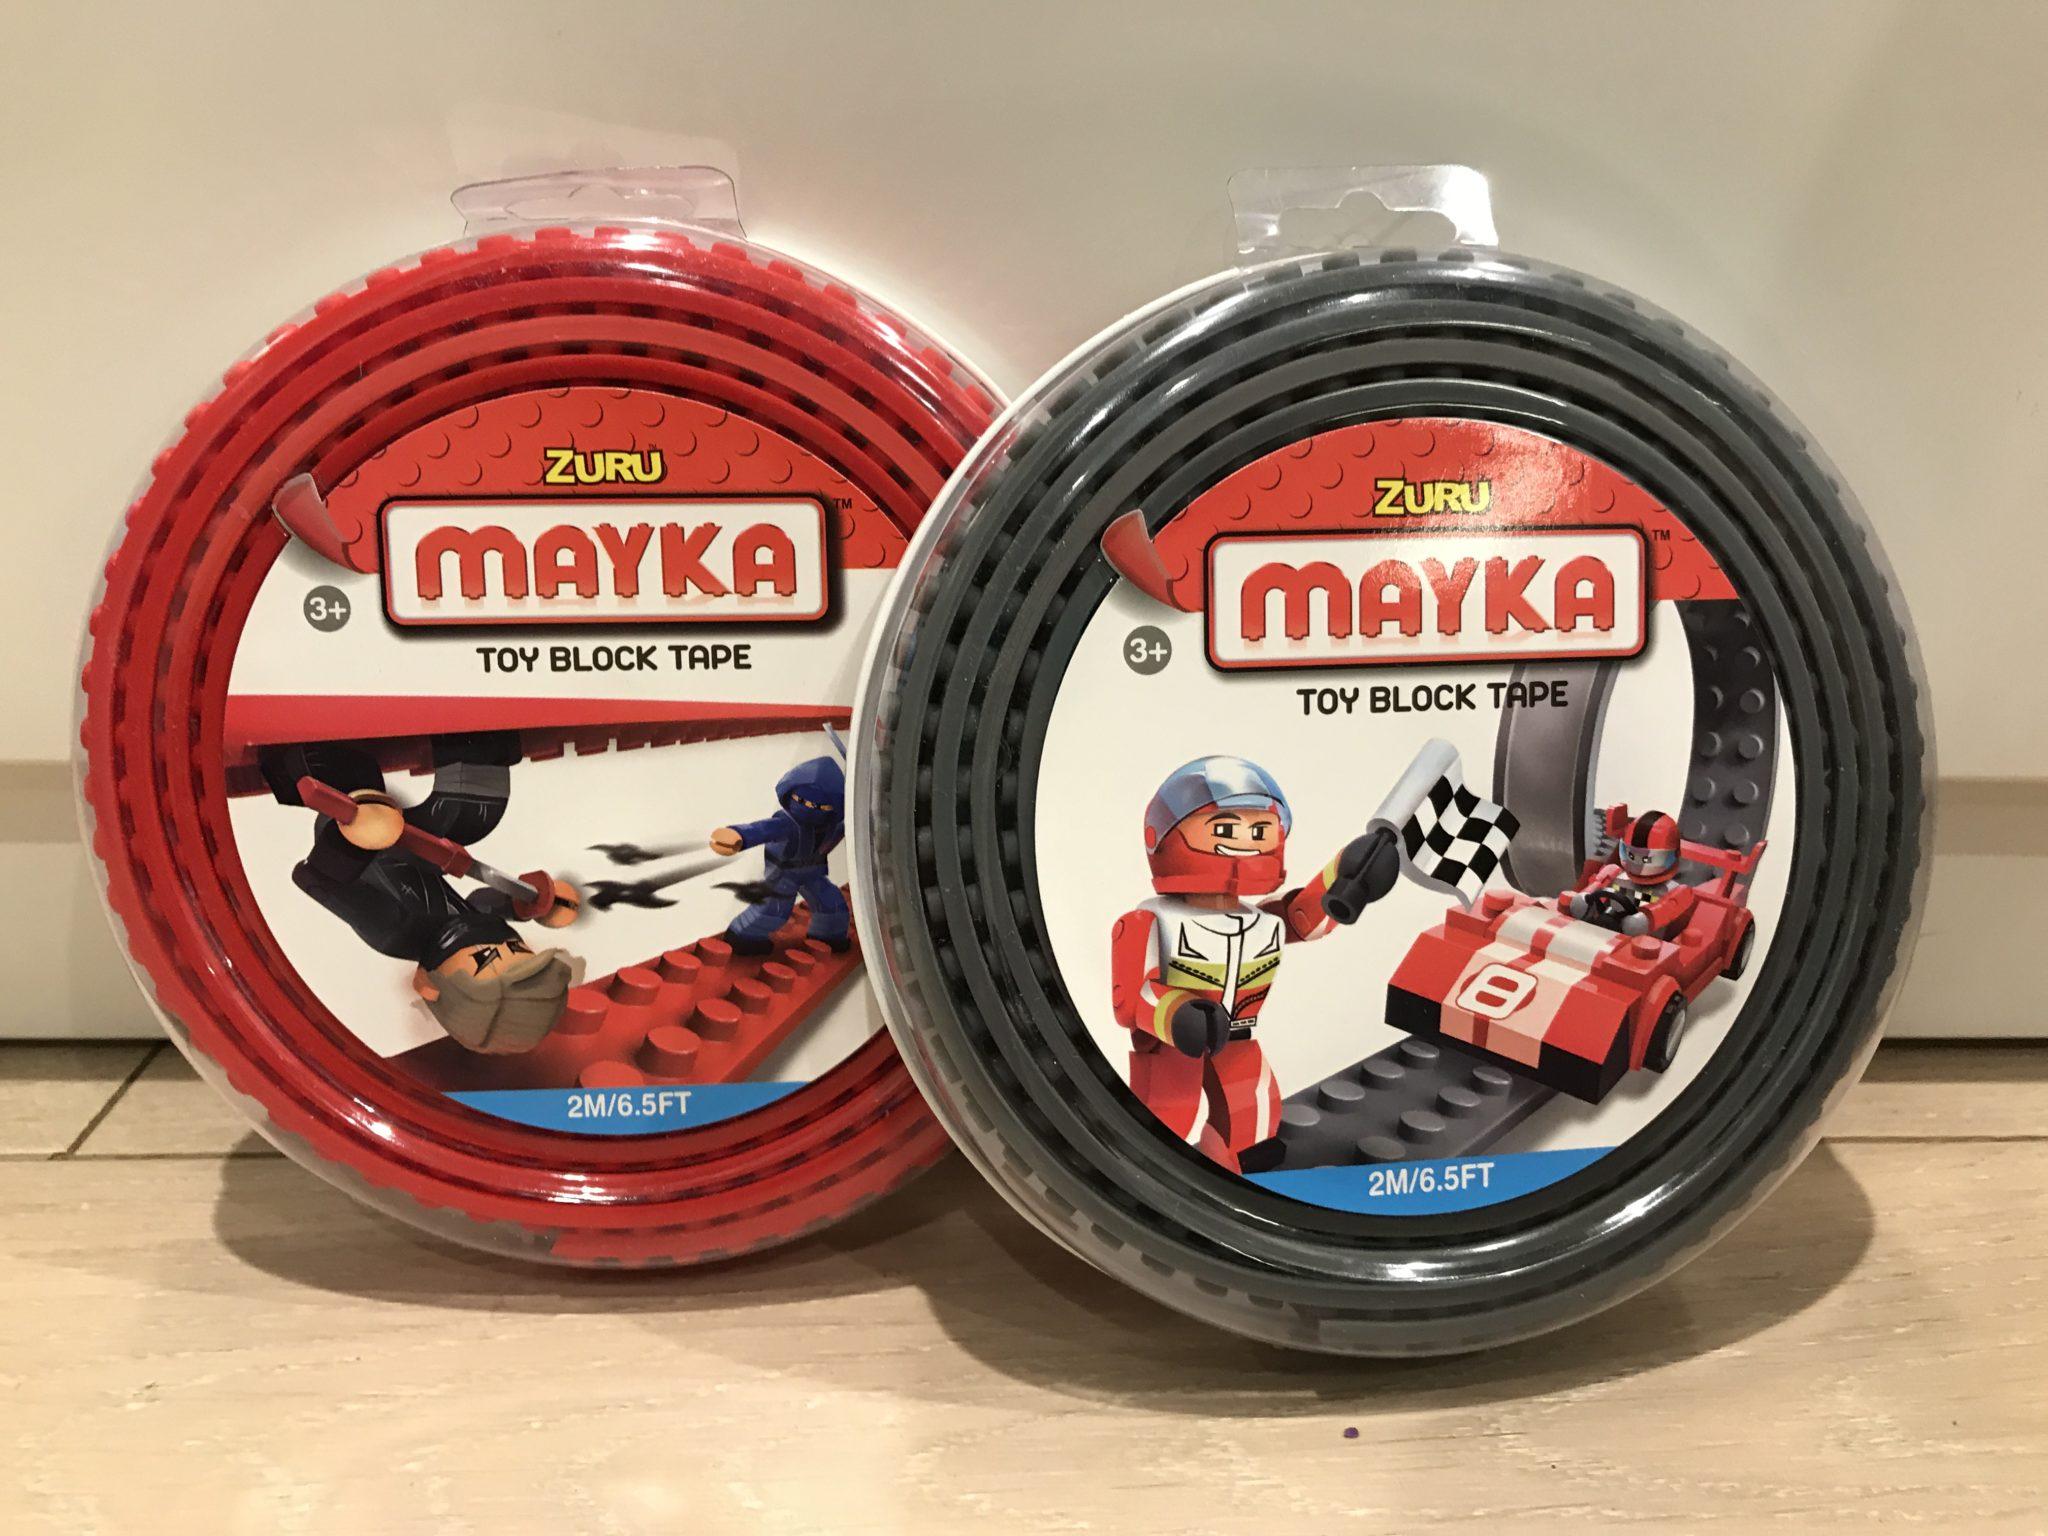 Mayka tape makes a great stocking stuffer